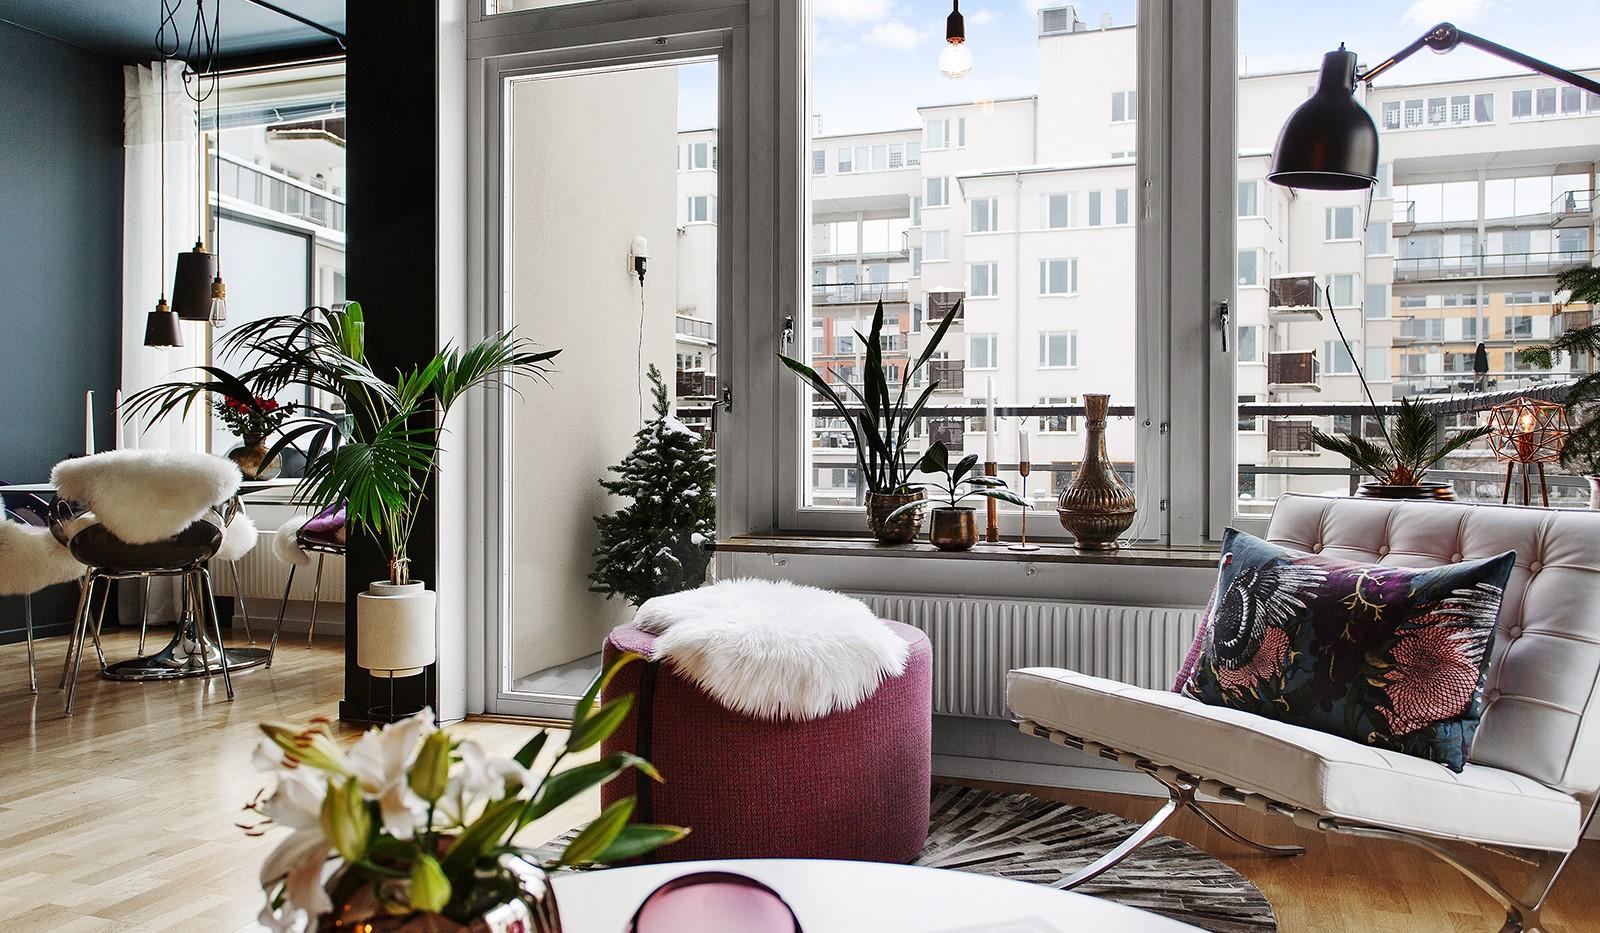 Korphoppsgatan 25, 2 tr Gårdshus! - Alla bostadens fönster vetter mot den lugna gården